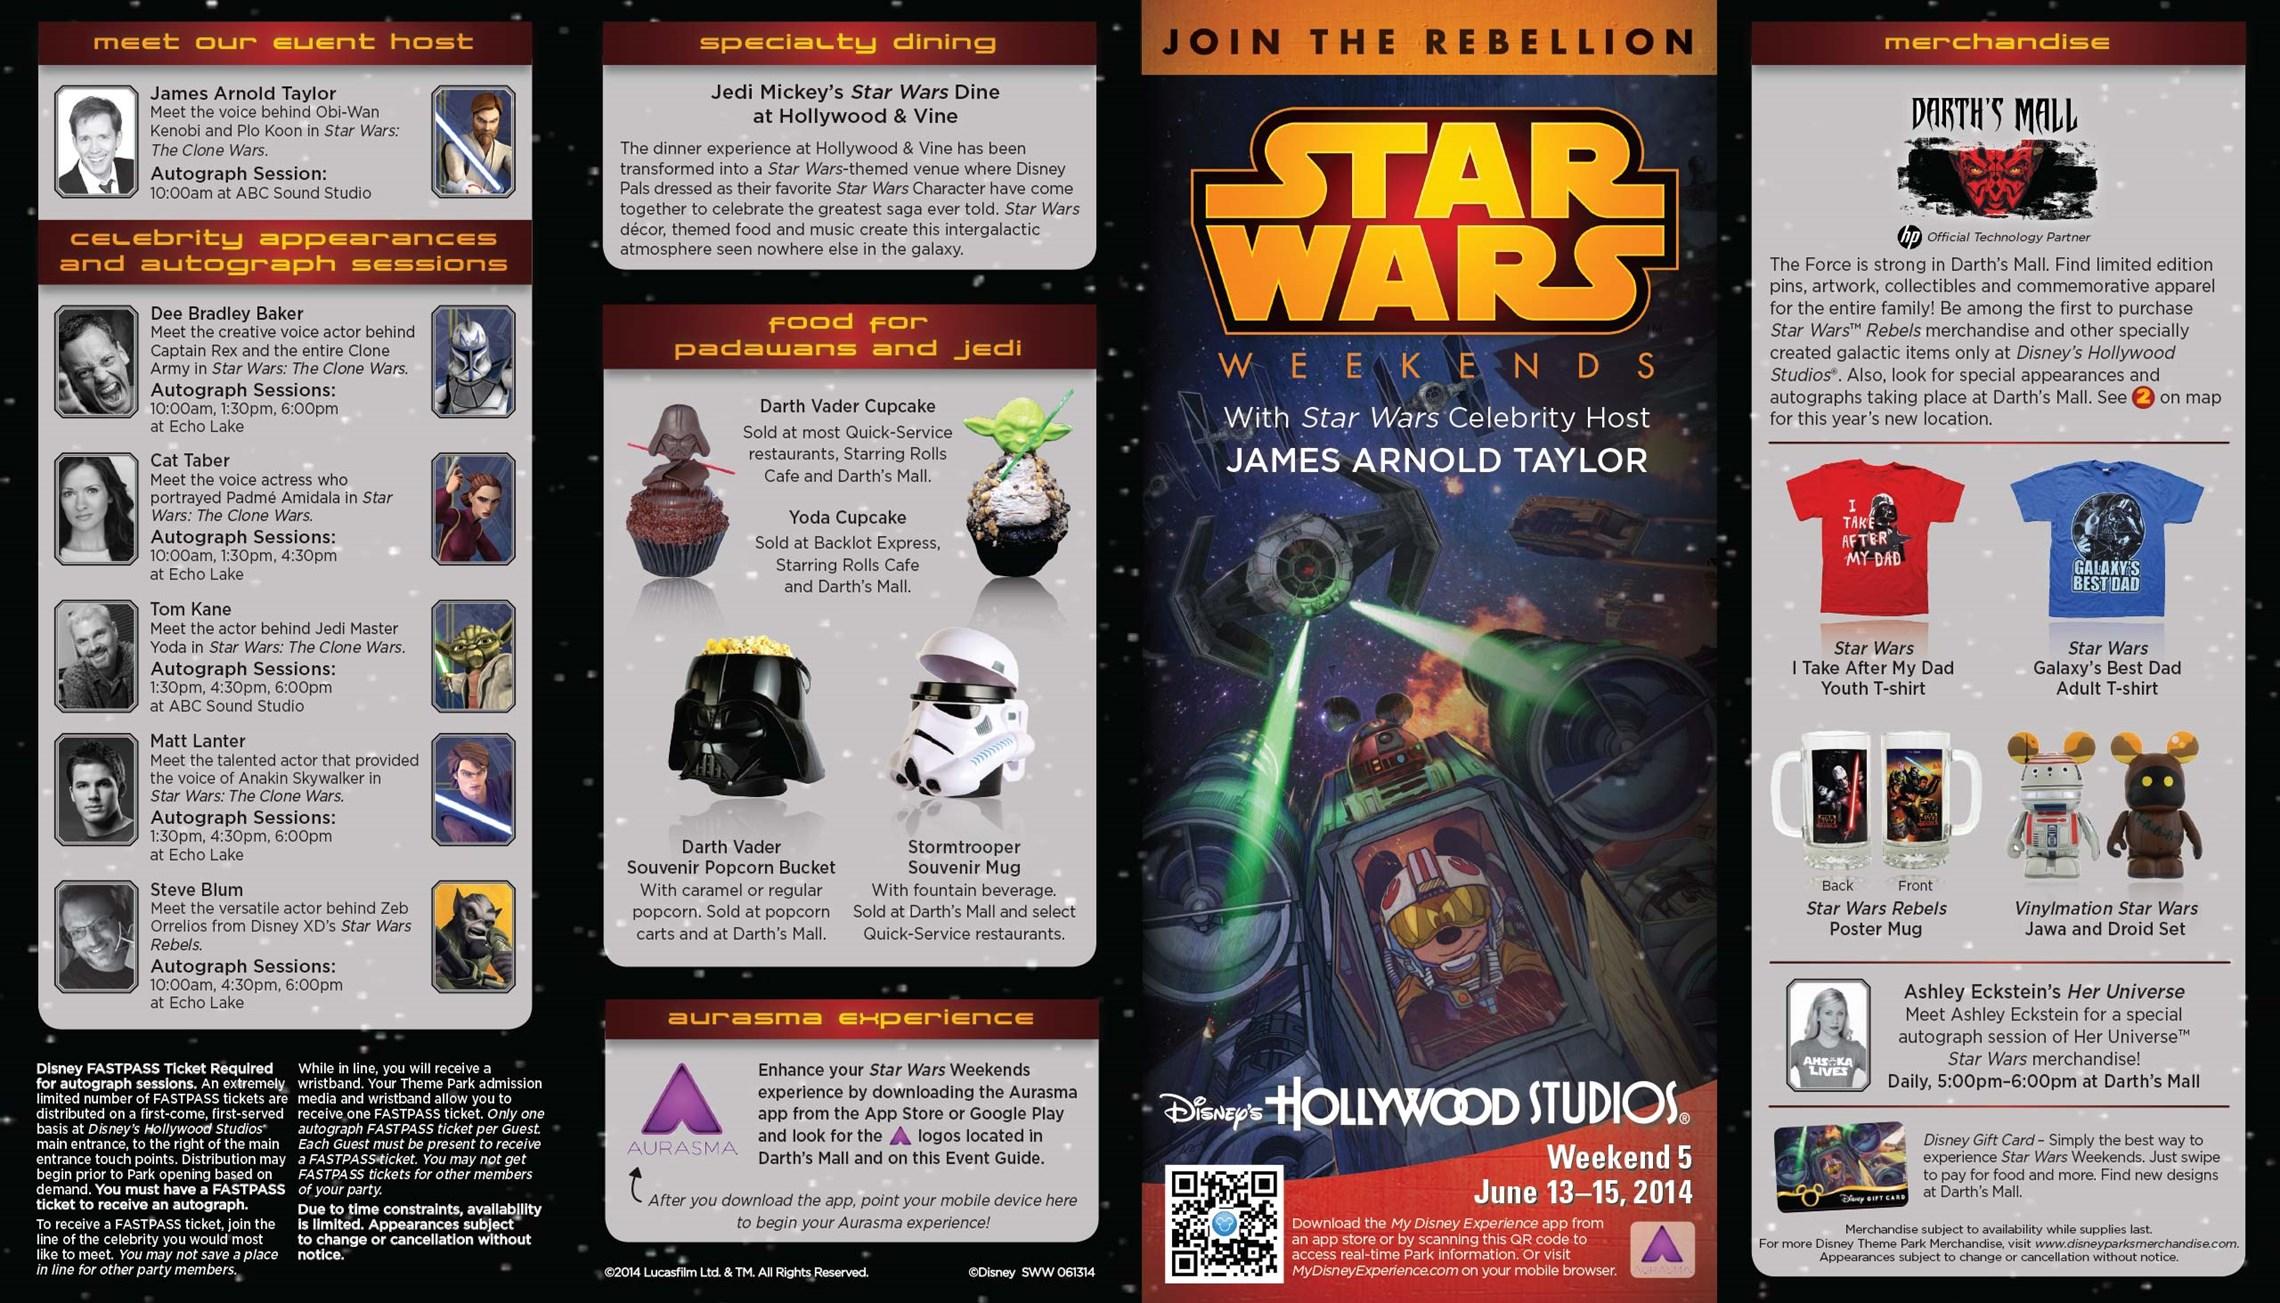 2014 Star Wars Weekends June 13 - 15 Weekend 5 guide map